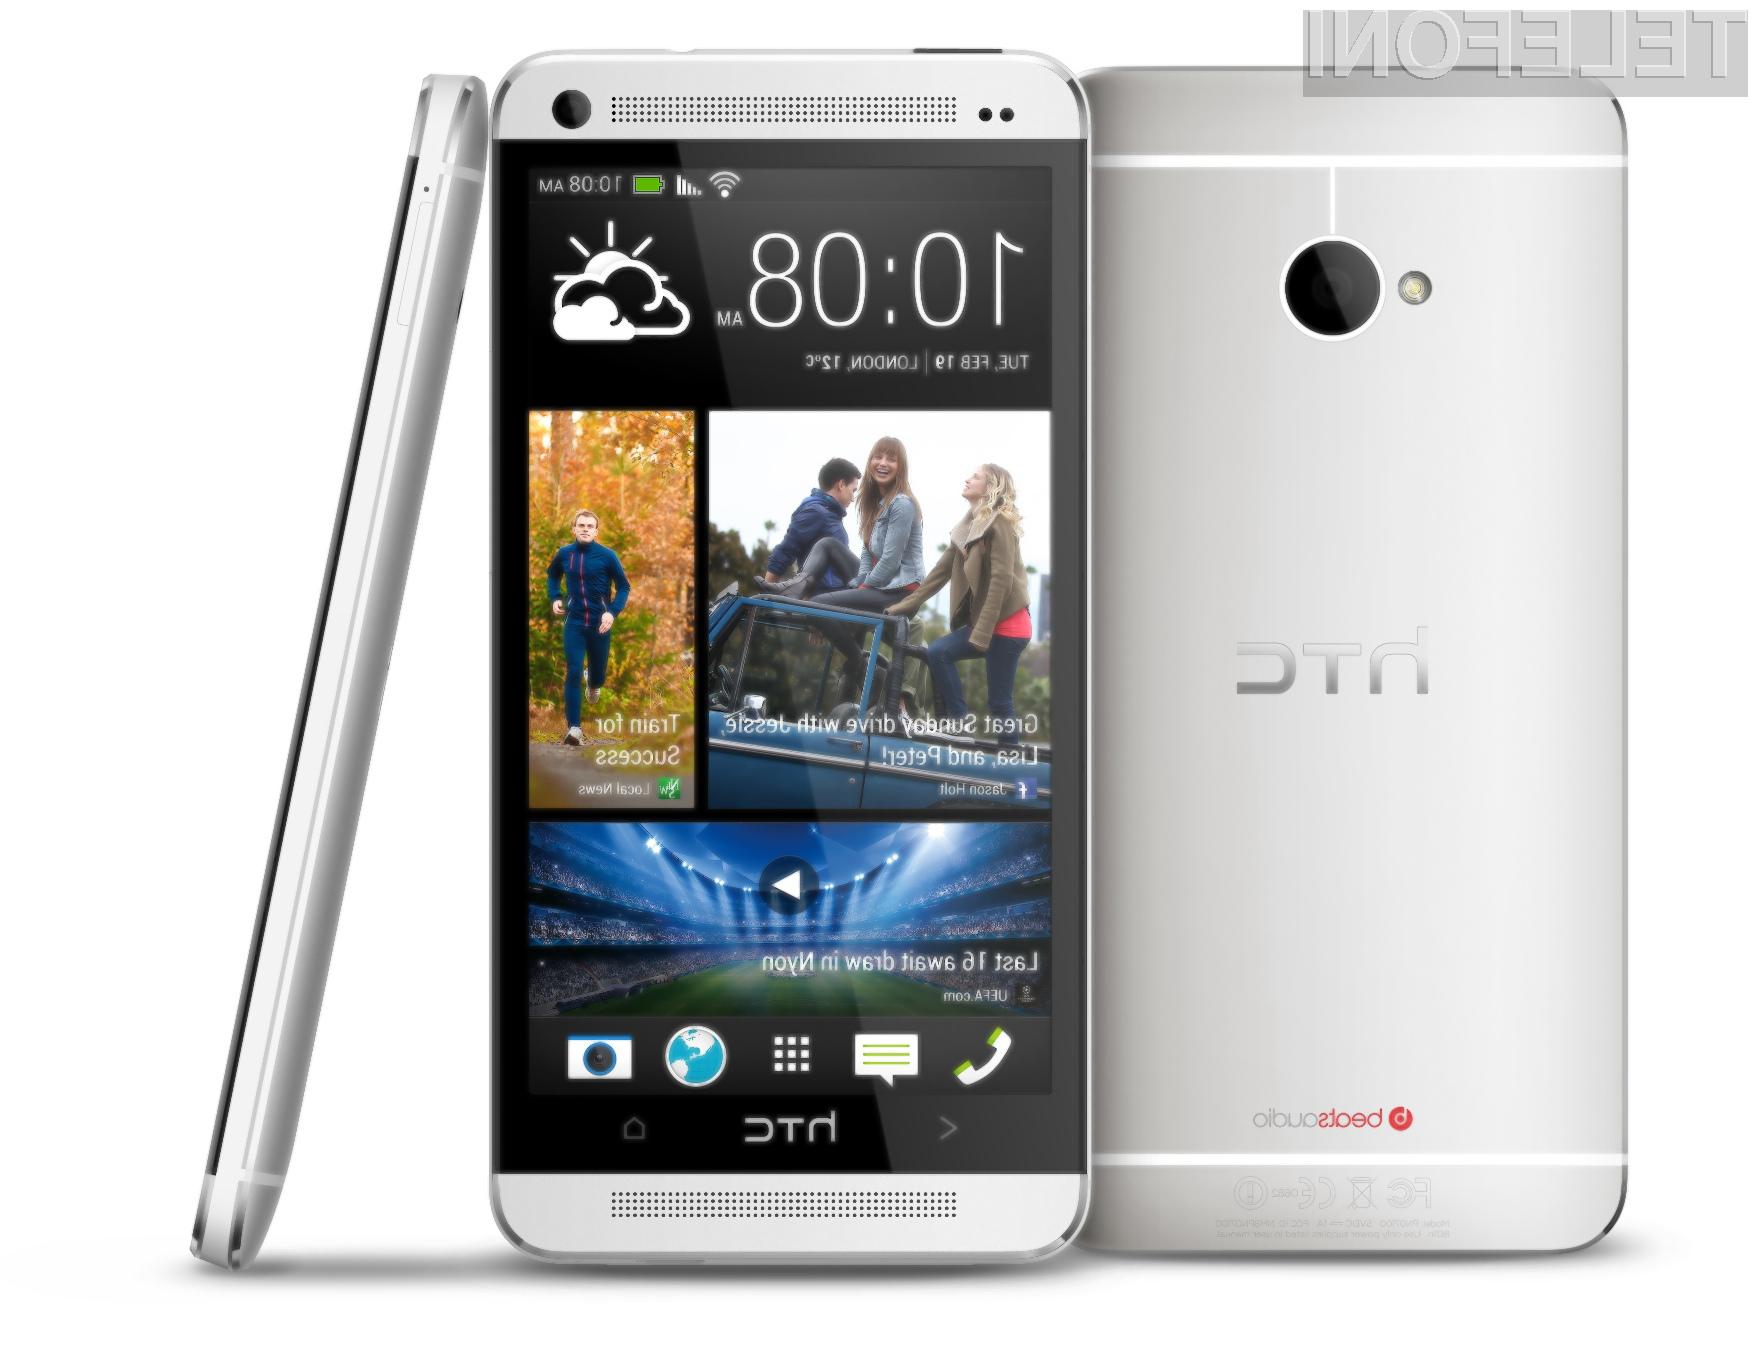 HTC One v navezi z usmerjevalnikom 5G Wi-Fi zagotavlja kar 3-krat hitrejši prenos podatkov kot standard 802.11n.